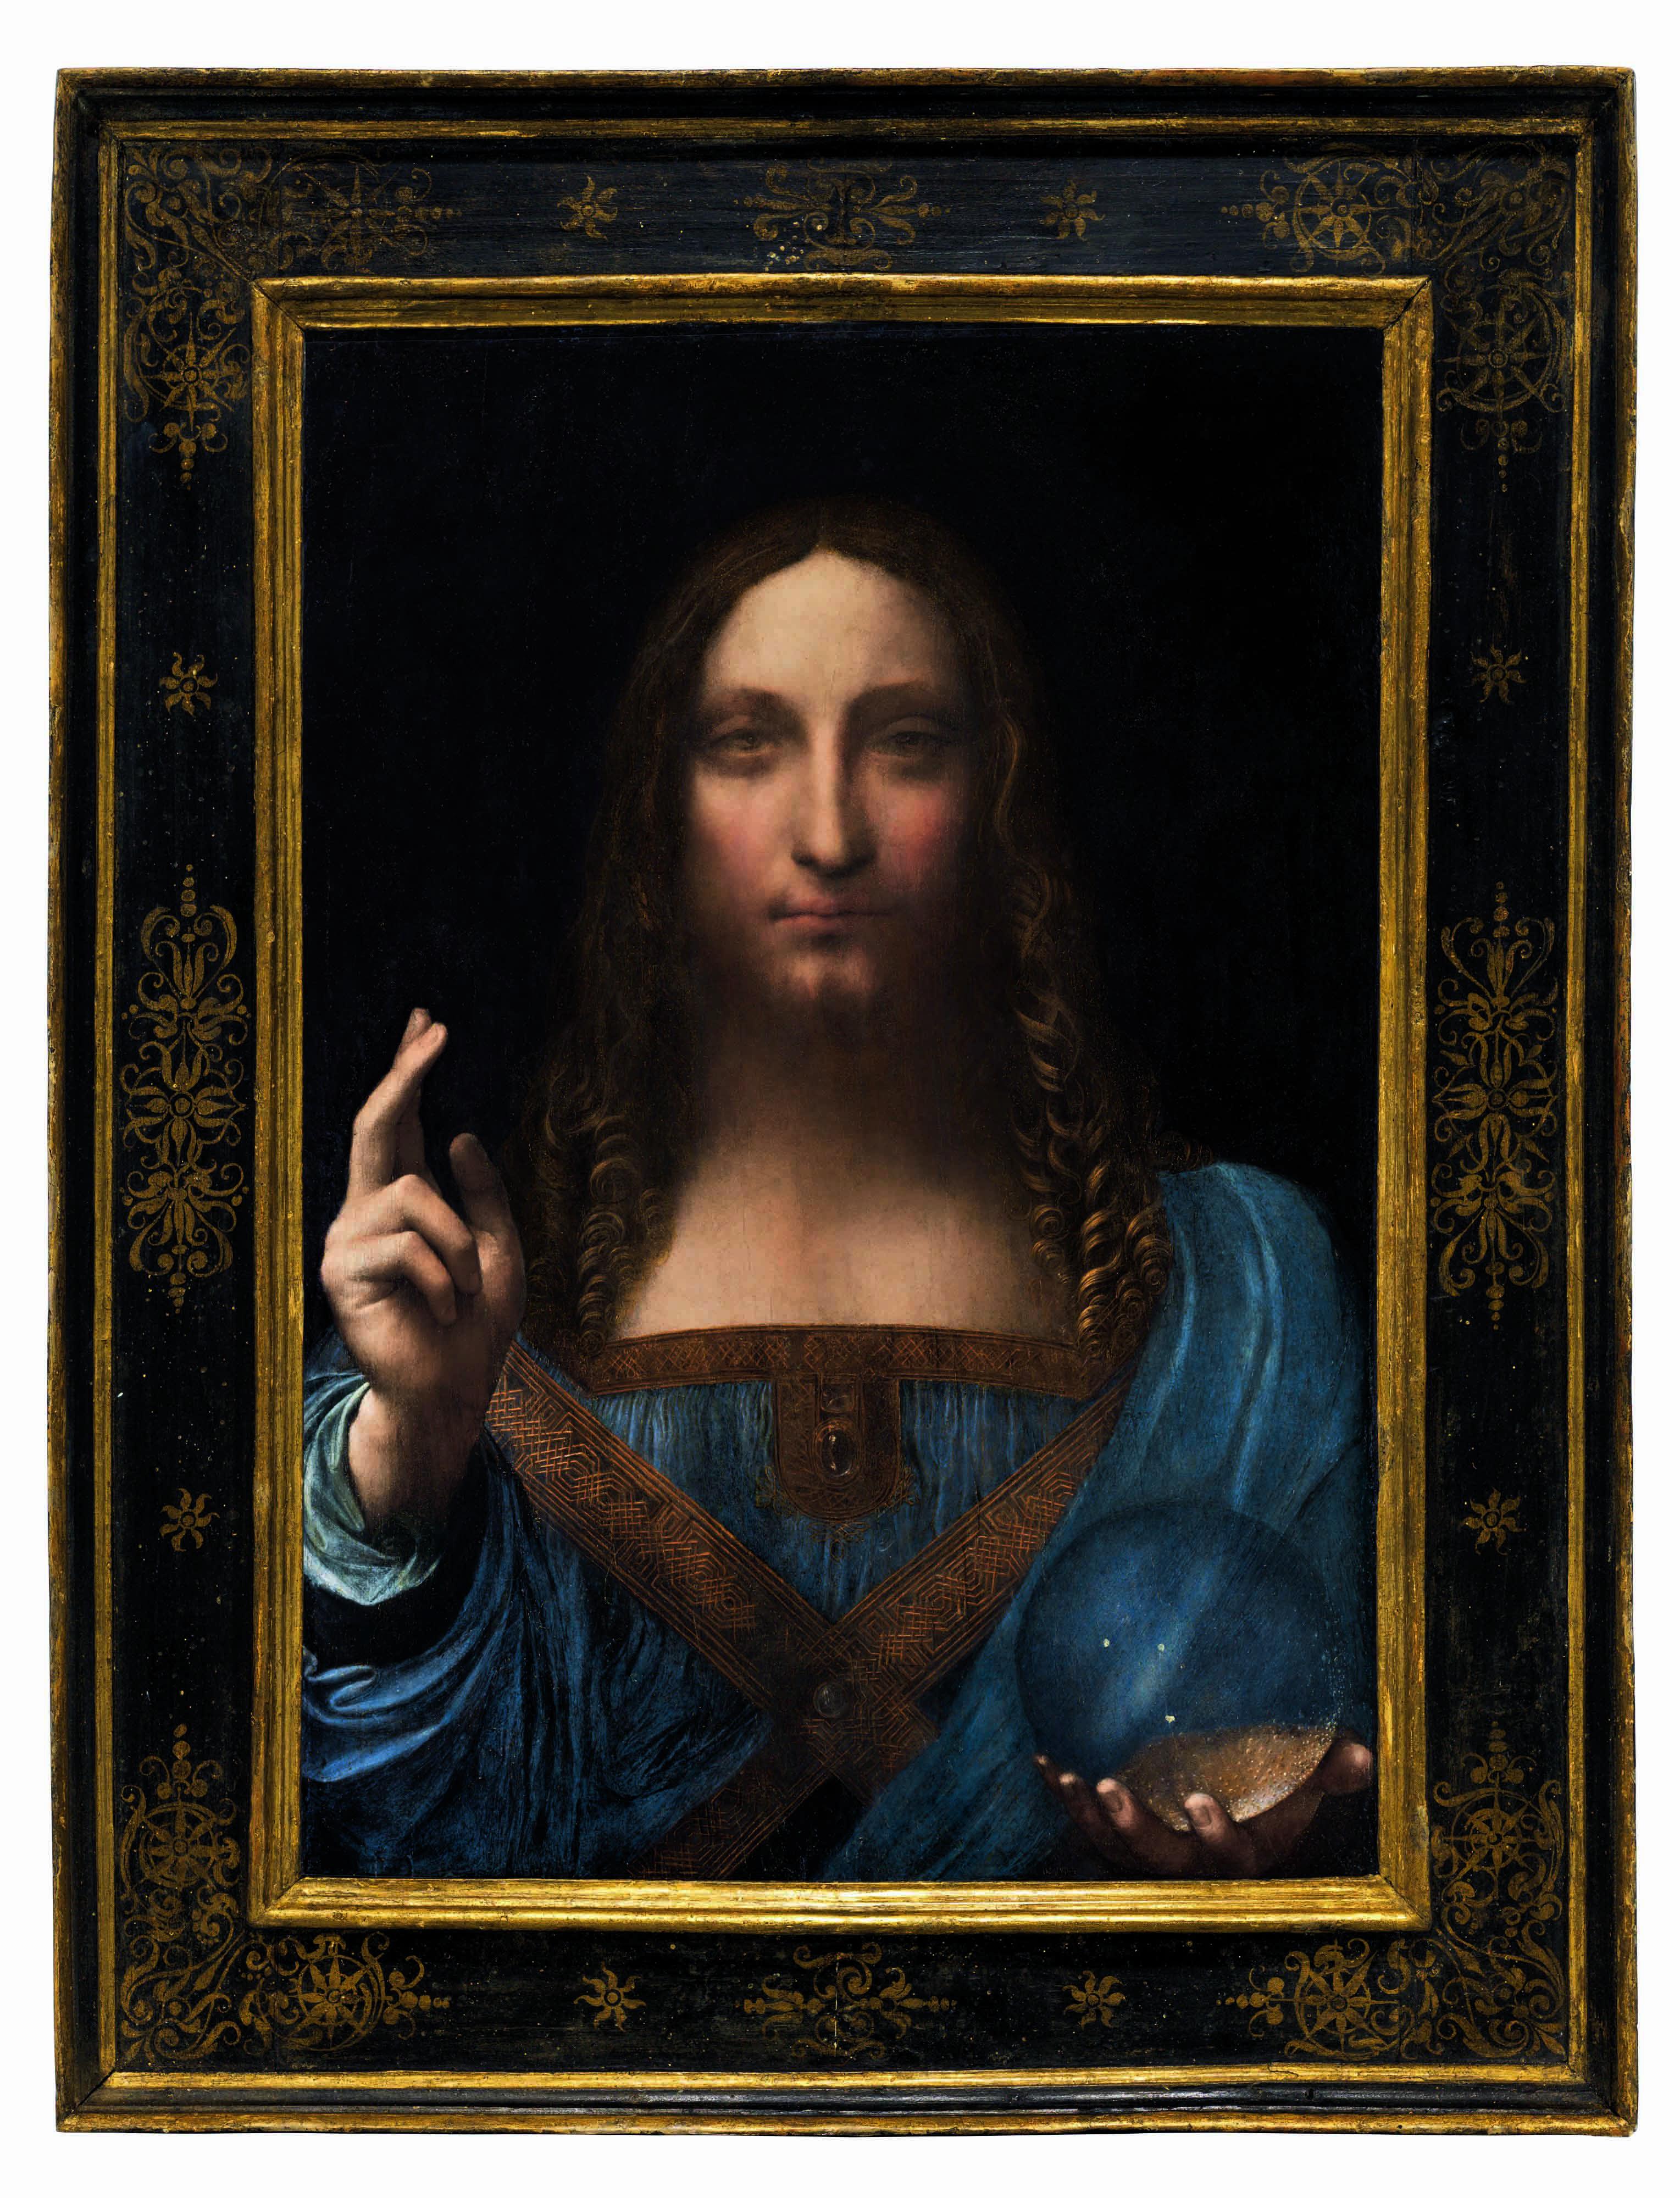 SALVATOR MUNDI (VERS 1500), DE LEONARD DE VINCI. HUILE SUR PANNEAU, 65,7 X 45,7 CM. ADJUGÉ 450,3 MILLIONS DE DOLLARS.